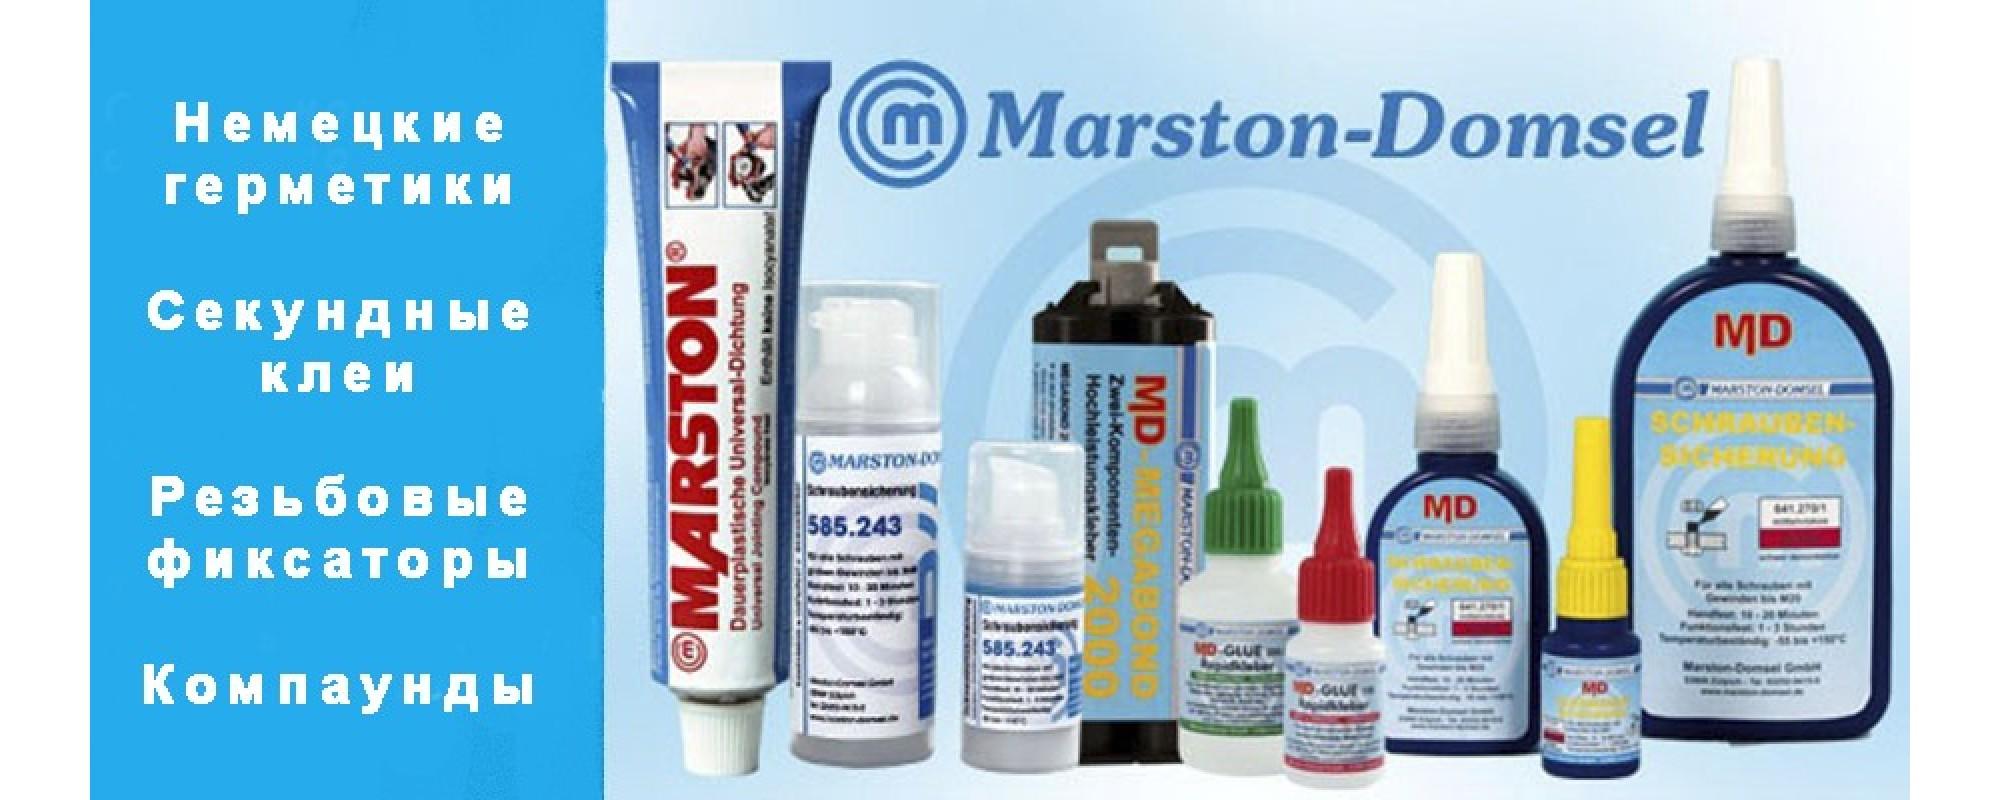 Клеи, резьбовые фиксаторы, прокладочные герметики Marston-Domsel